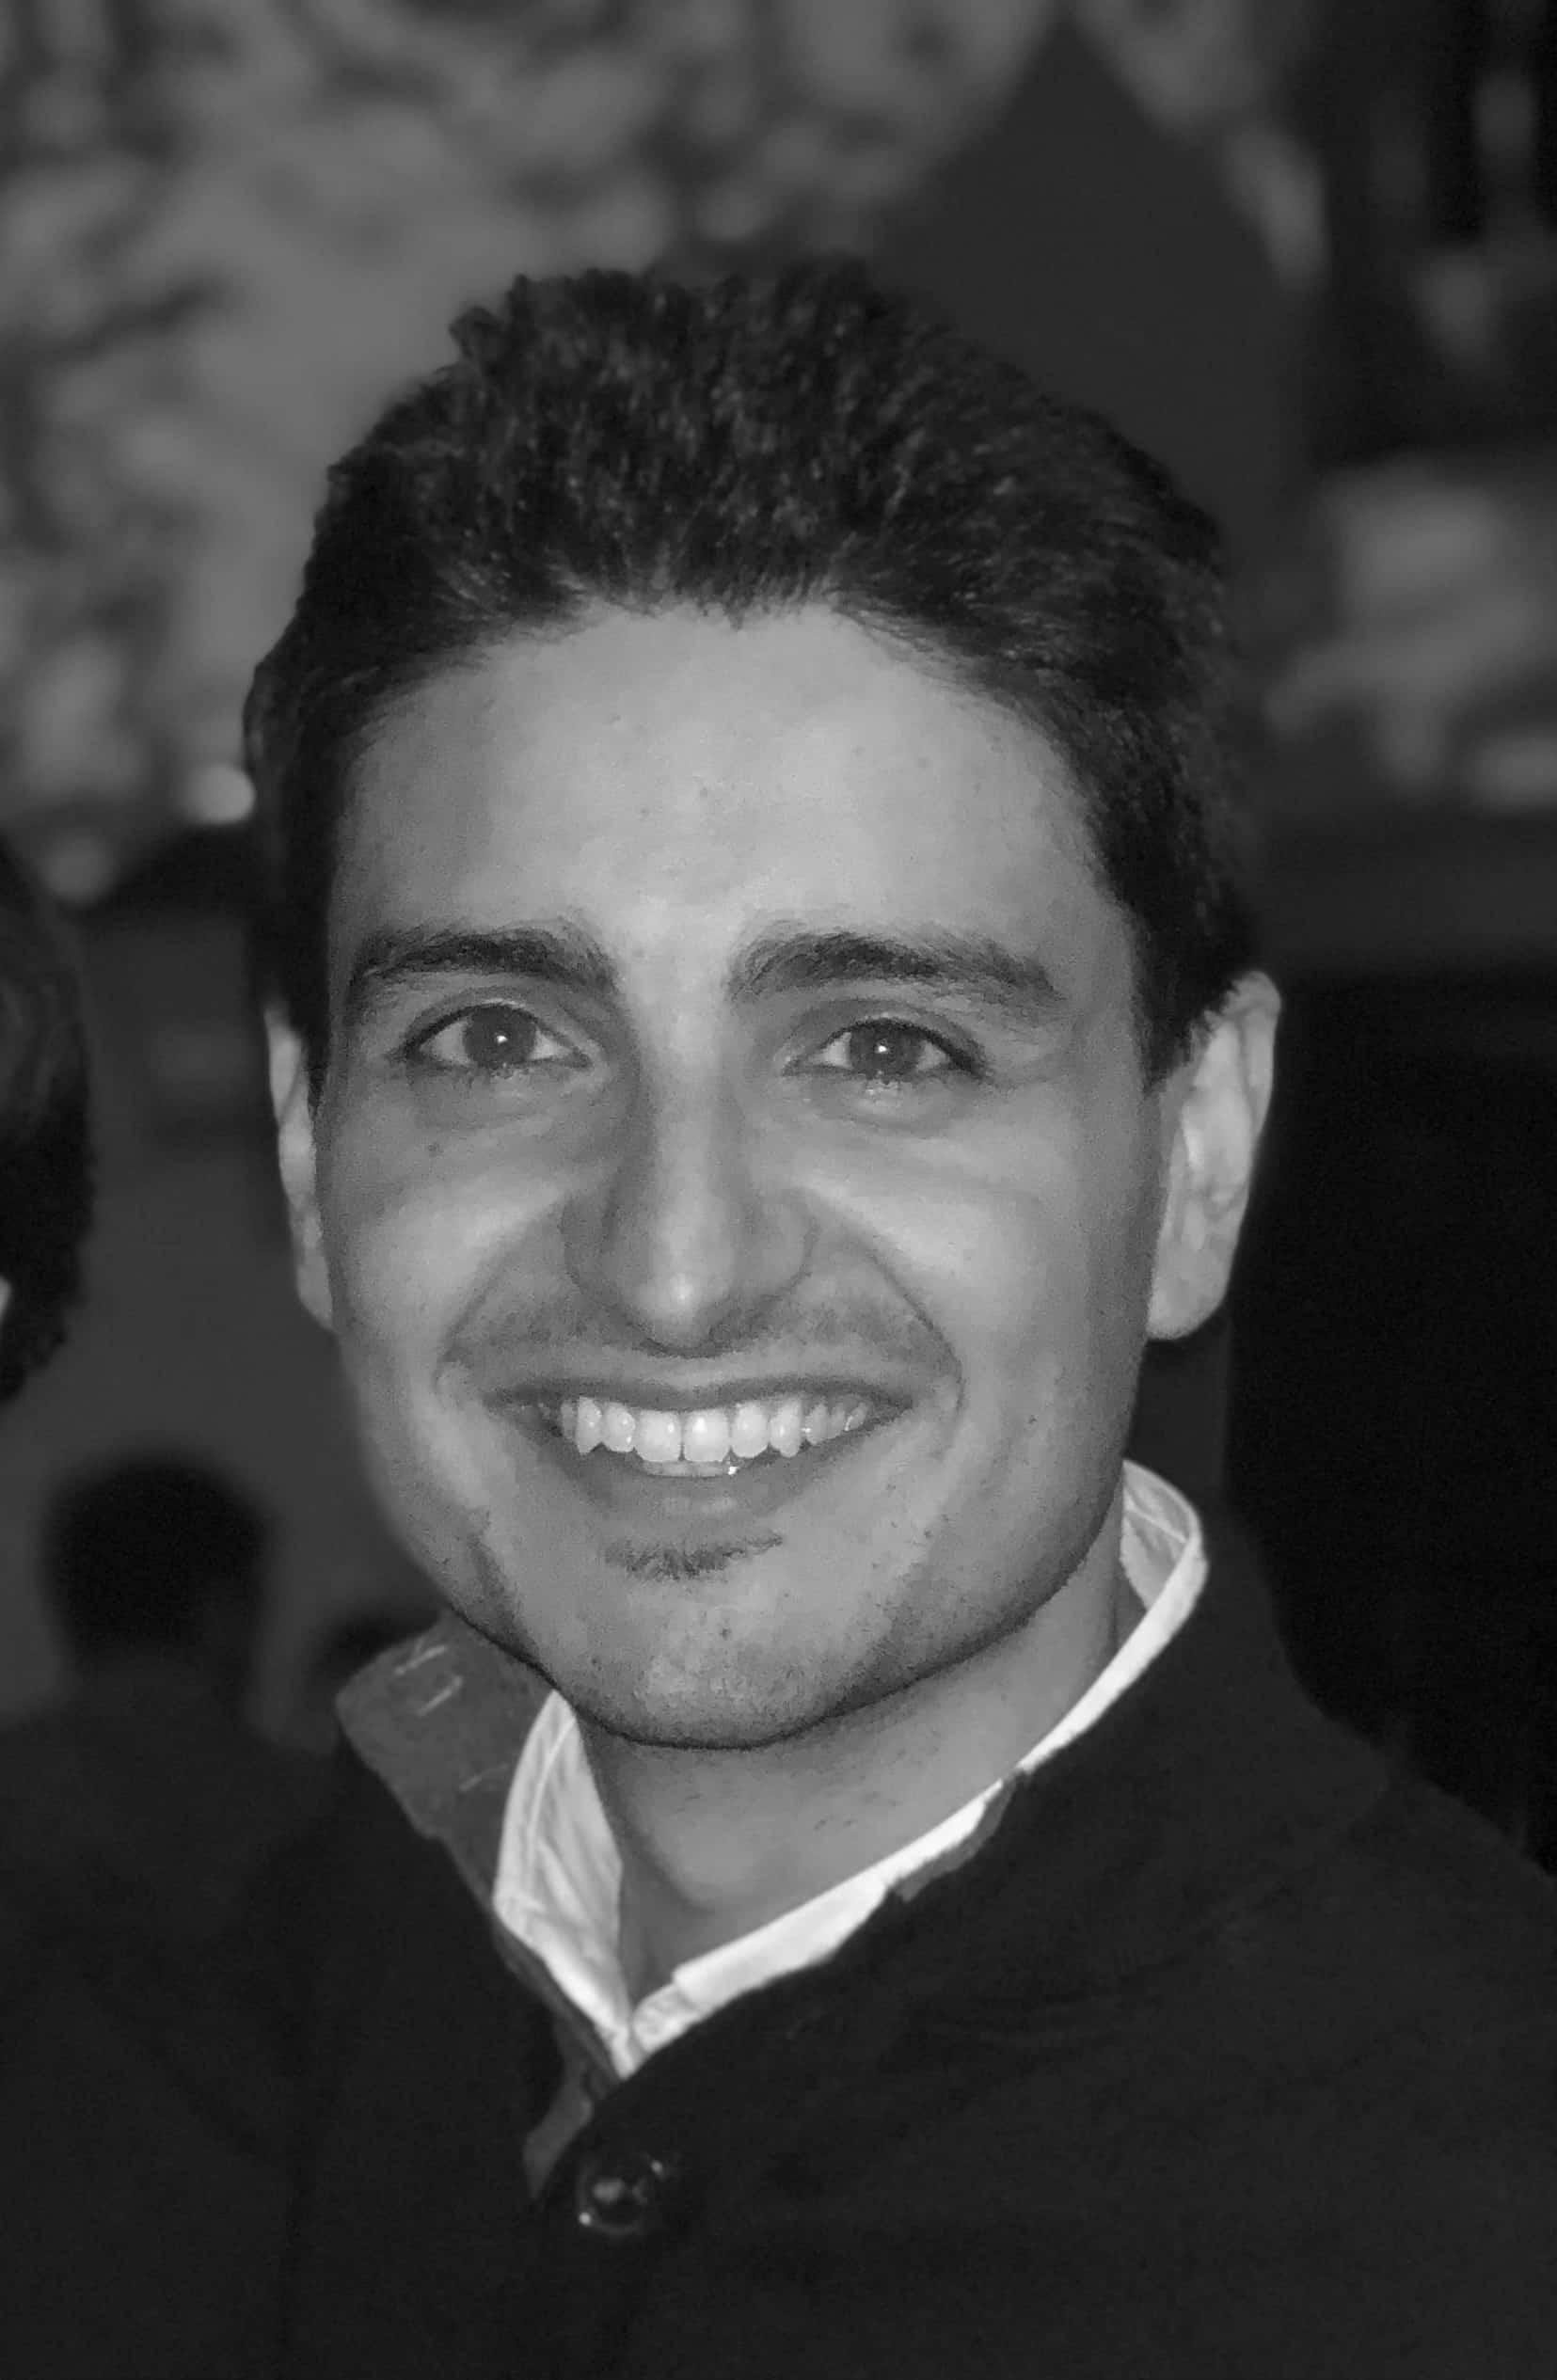 Luis Enrique Fernández Rodríguez